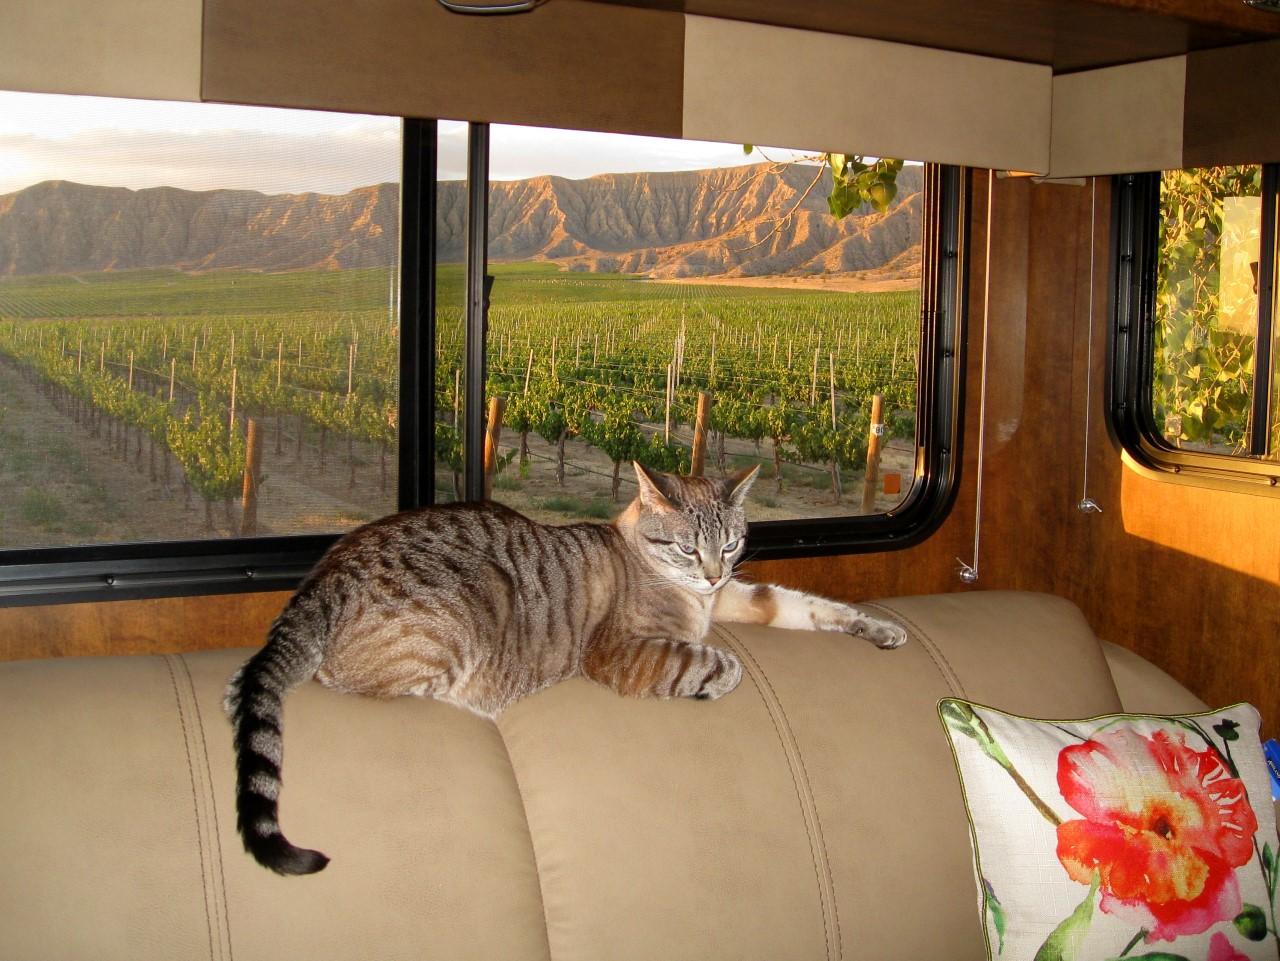 Sagebrush Annie's Winery cat